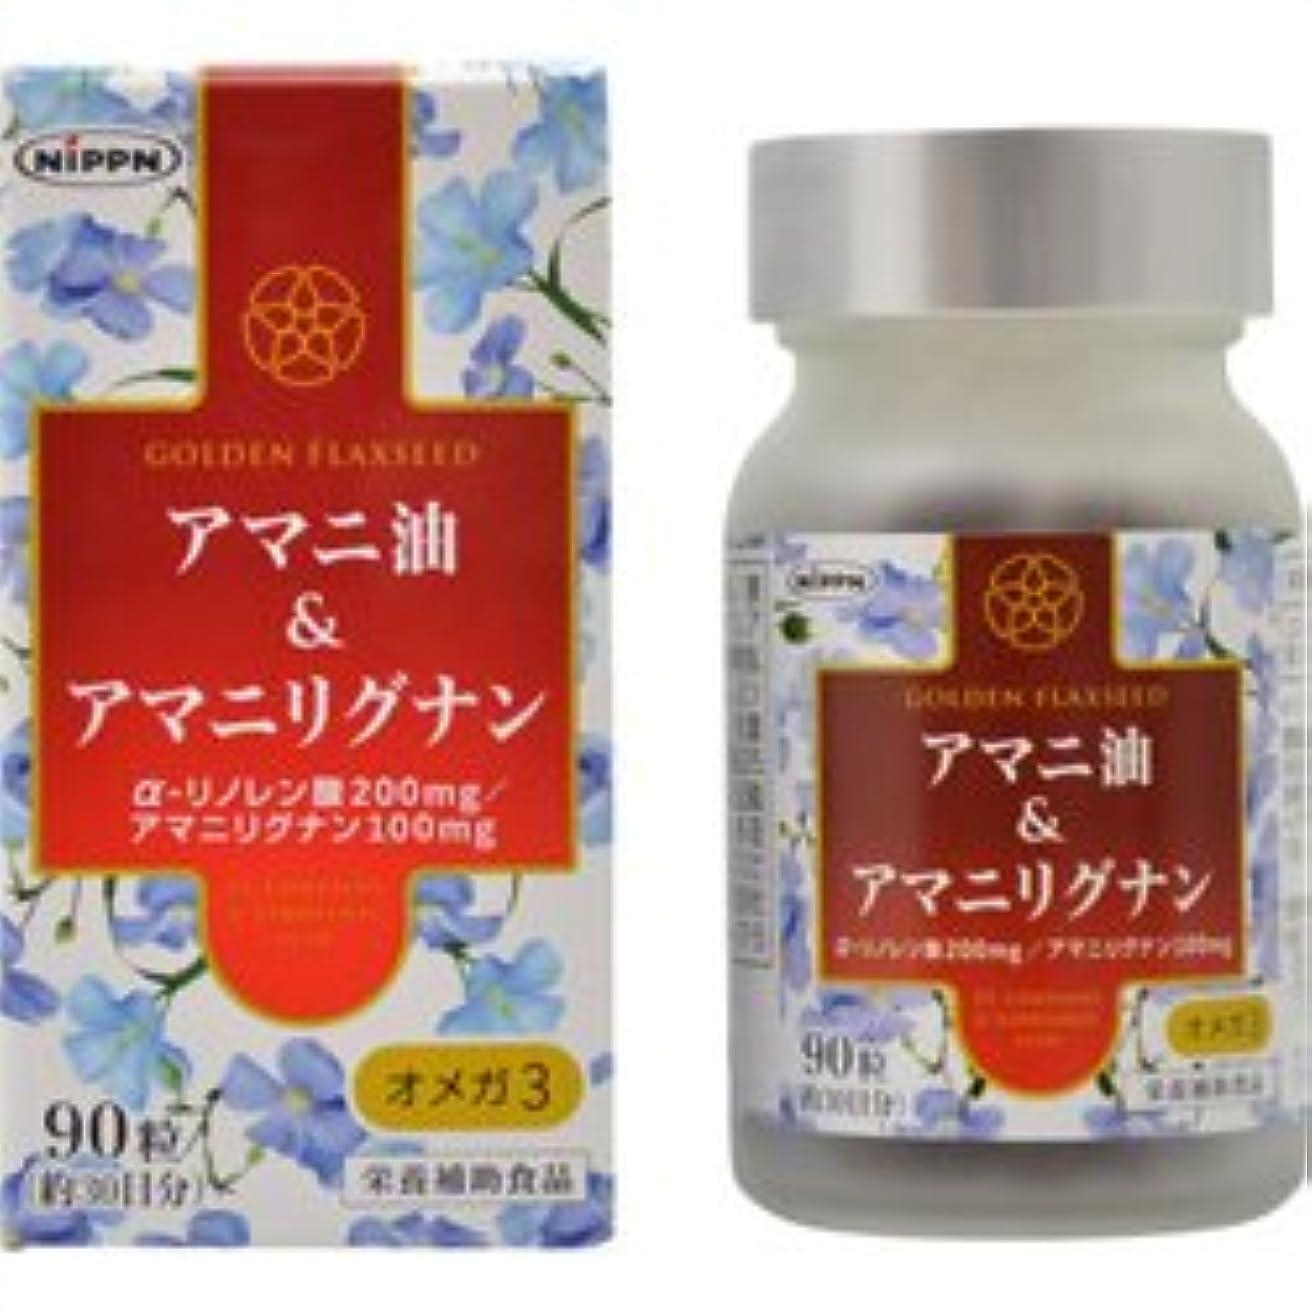 歴史的致命的な解体する【日本製粉】アマニ油&アマニリグナン 90粒 ×5個セット